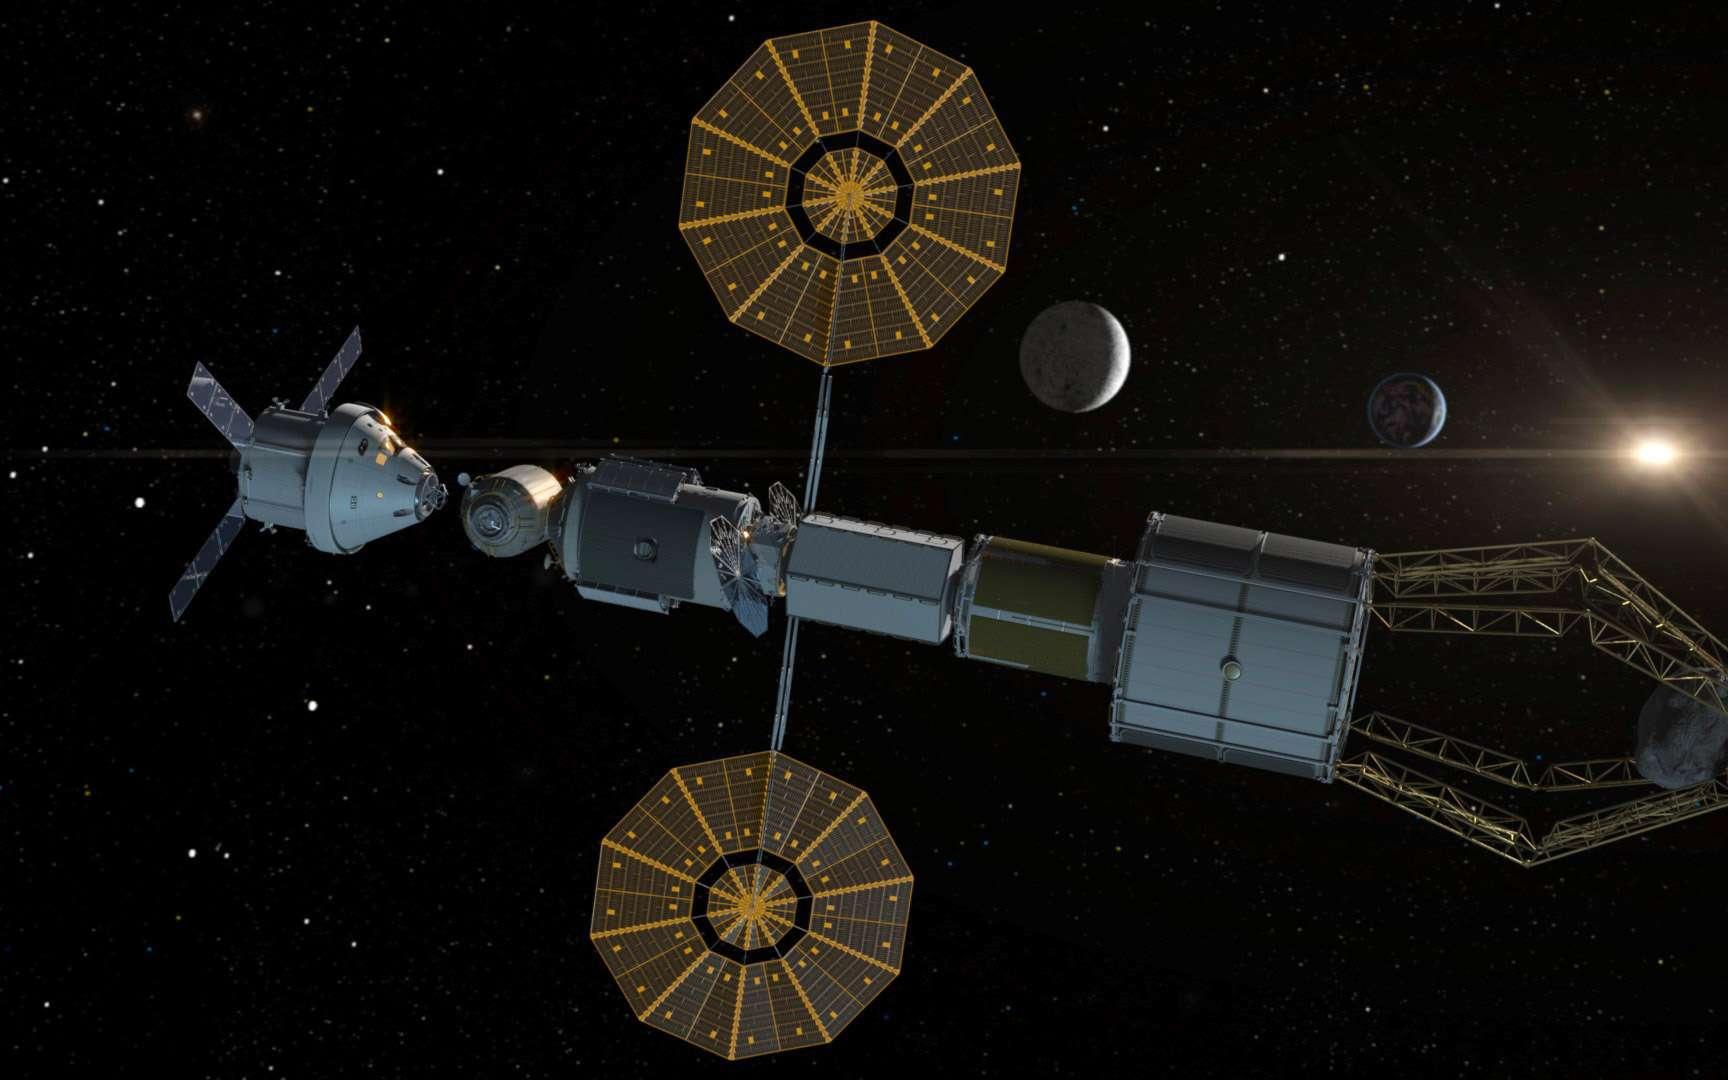 Dans le futur, pour s'amarrer à des modules orbitaux, le véhicule Orion, de la Nasa, pourrait utiliser le mécanisme d'amarrage IBDM, de l'ESA. © Nasa